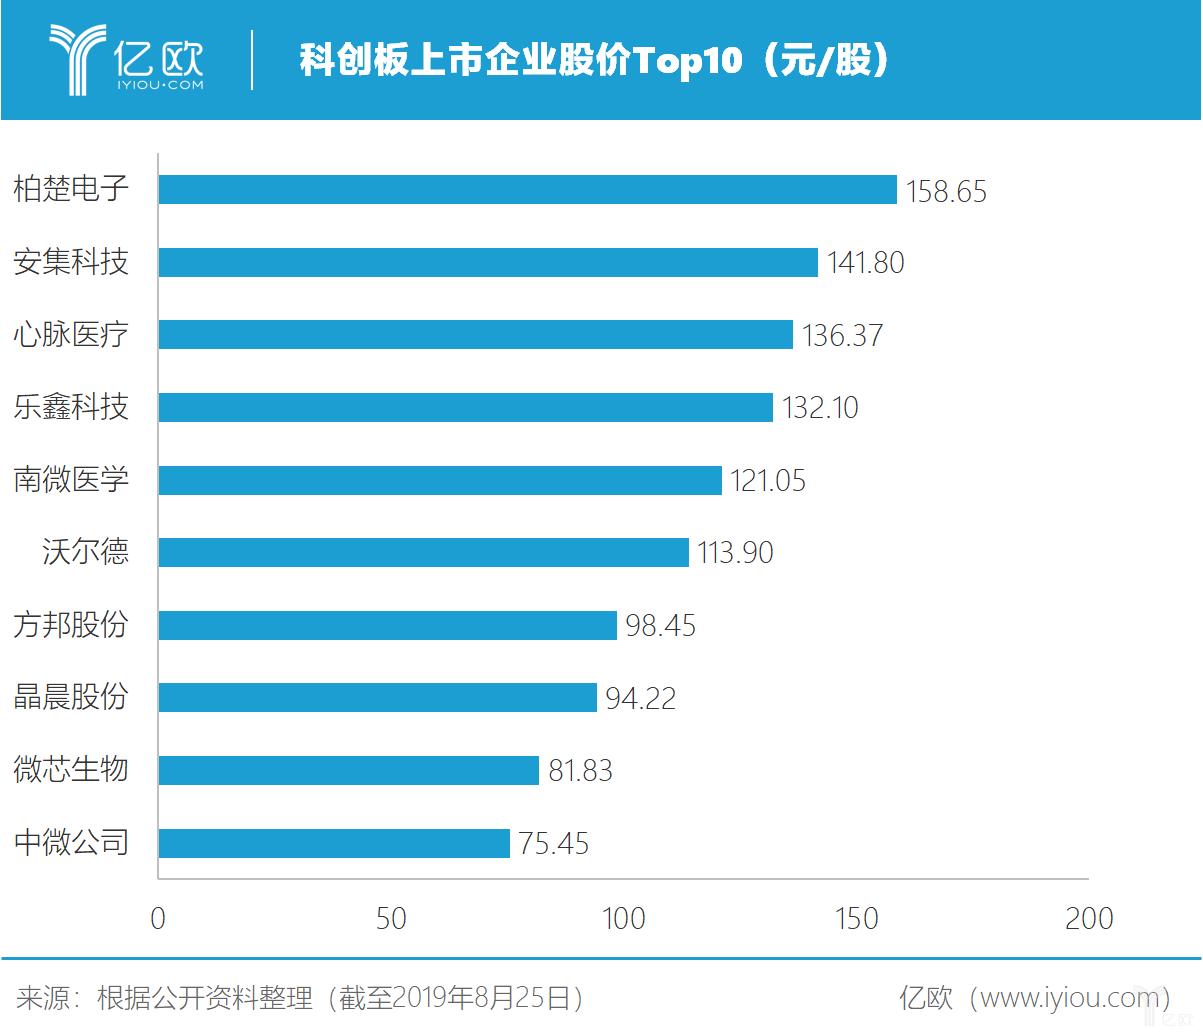 亿欧智库:科创板上市企业股价Top10